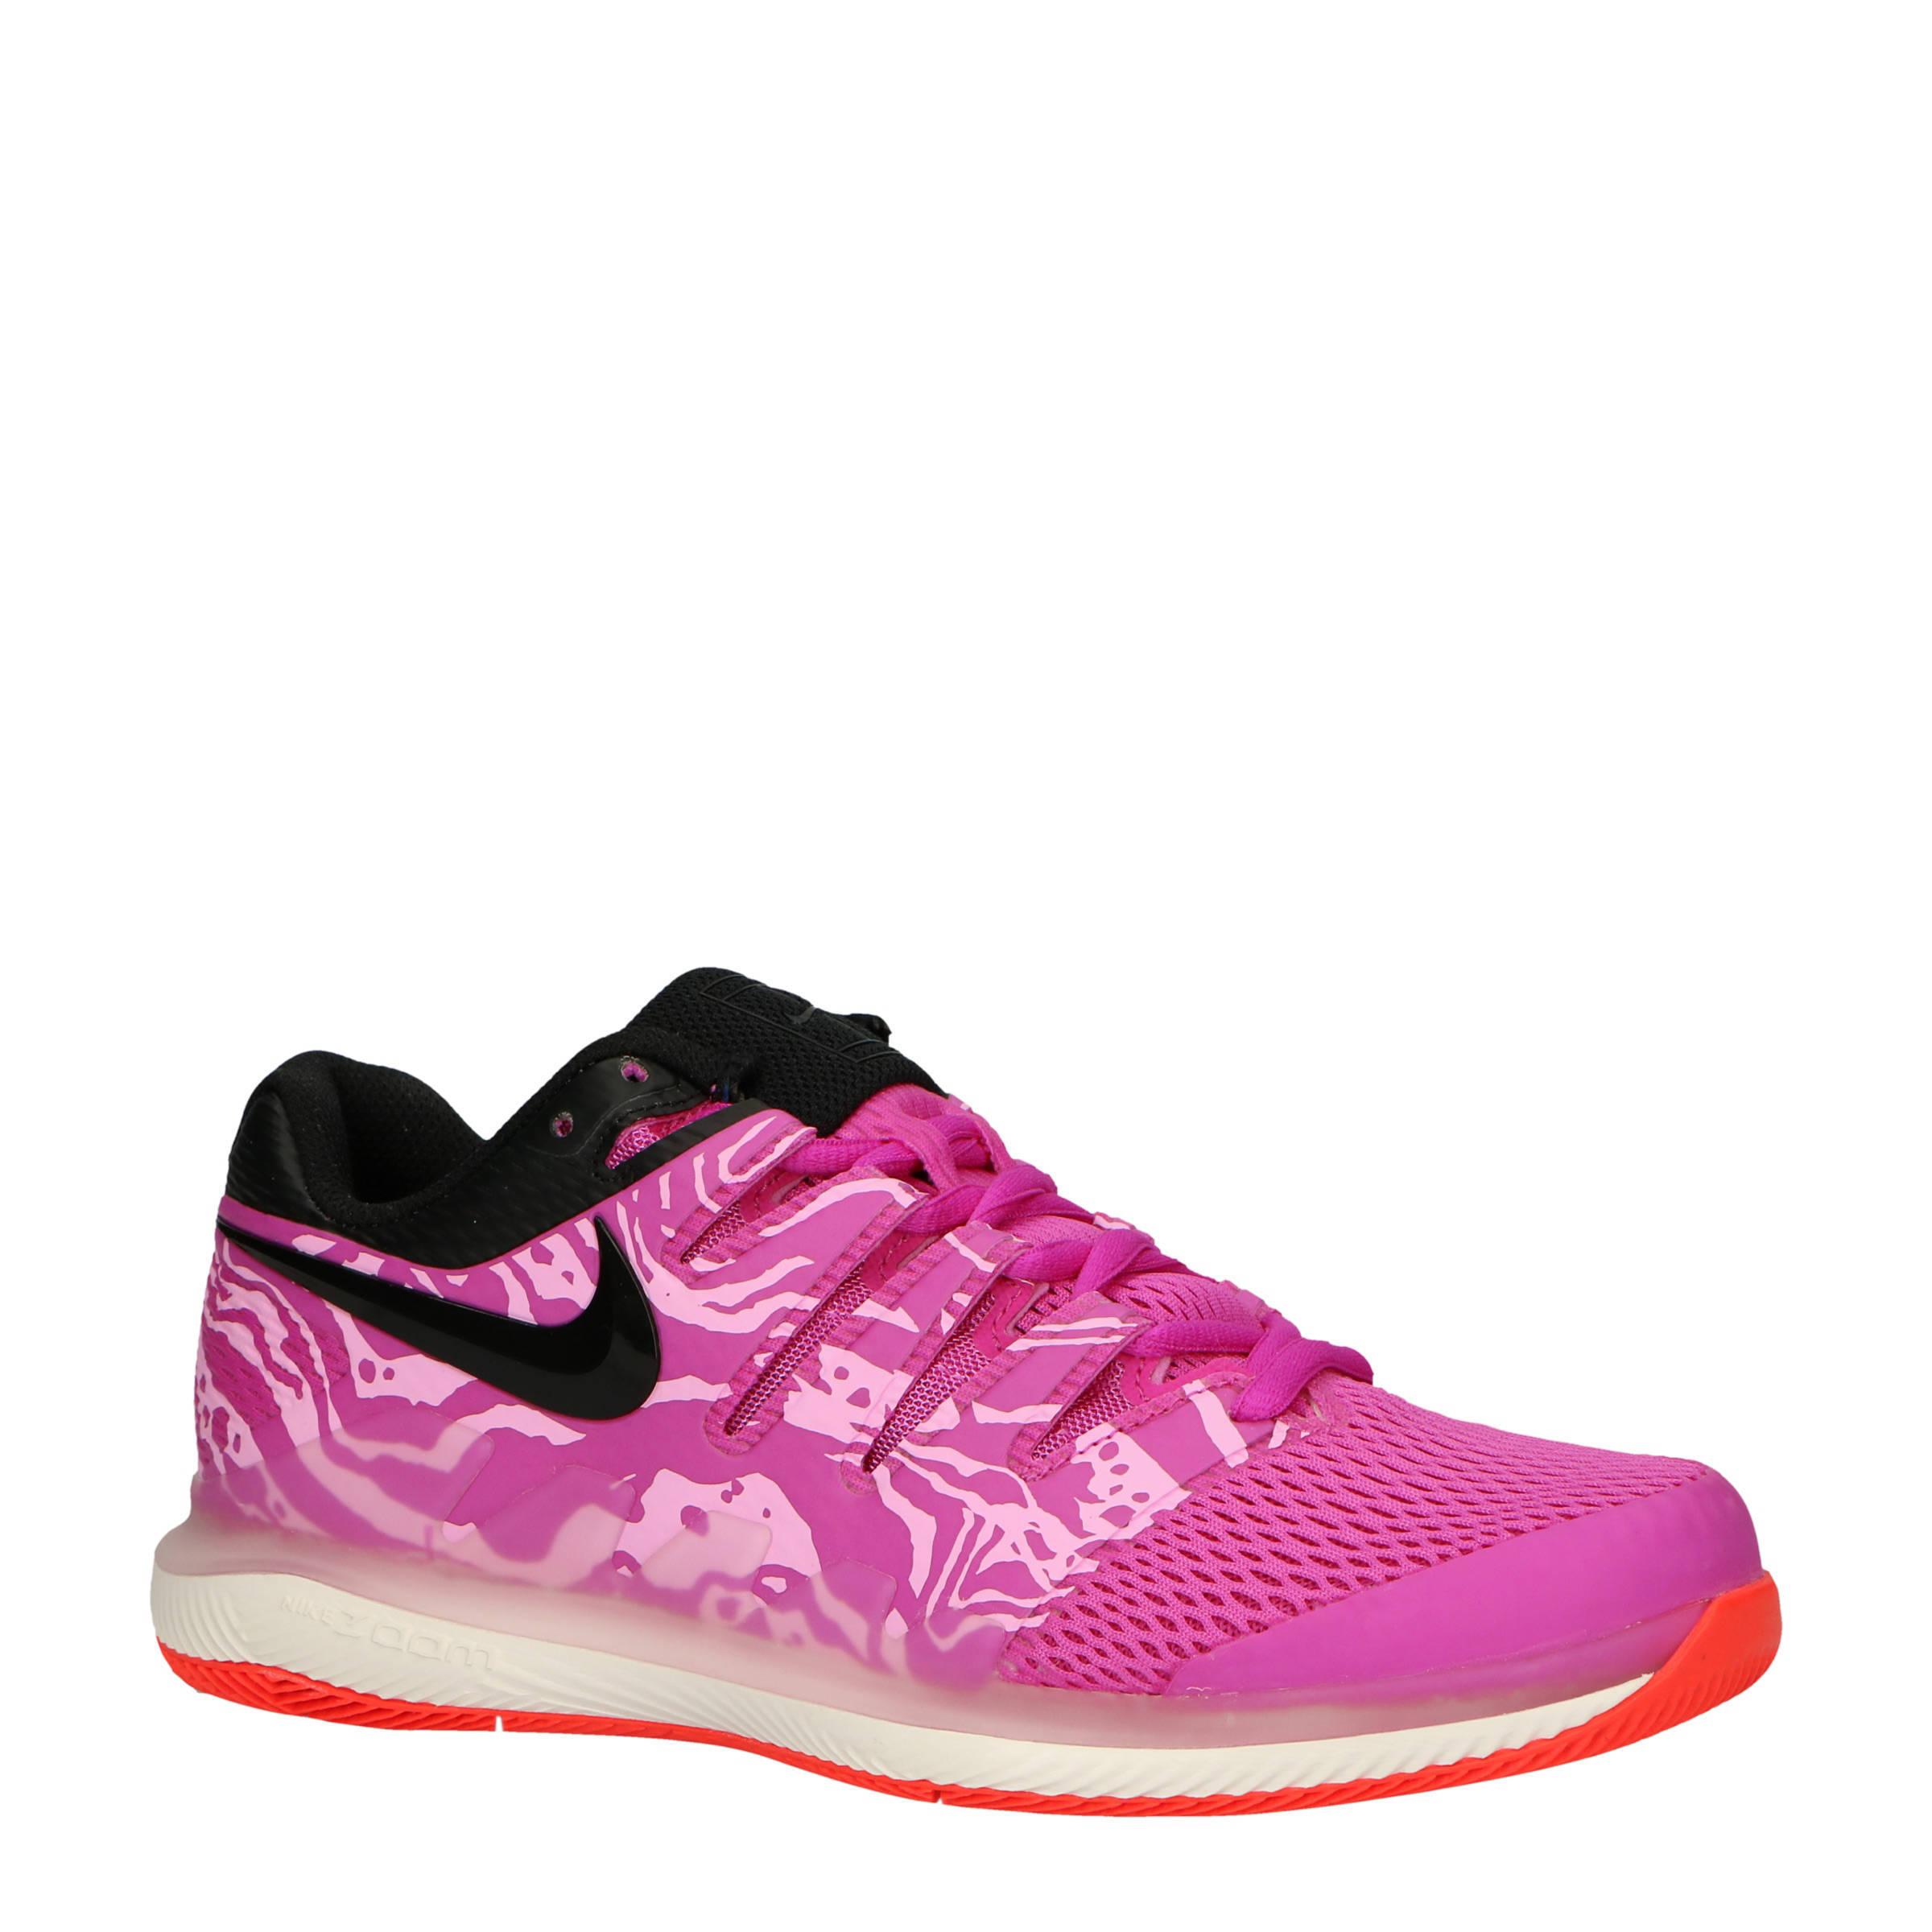 Nike Air Zoom Vapor X HC tennisschoenen   wehkamp